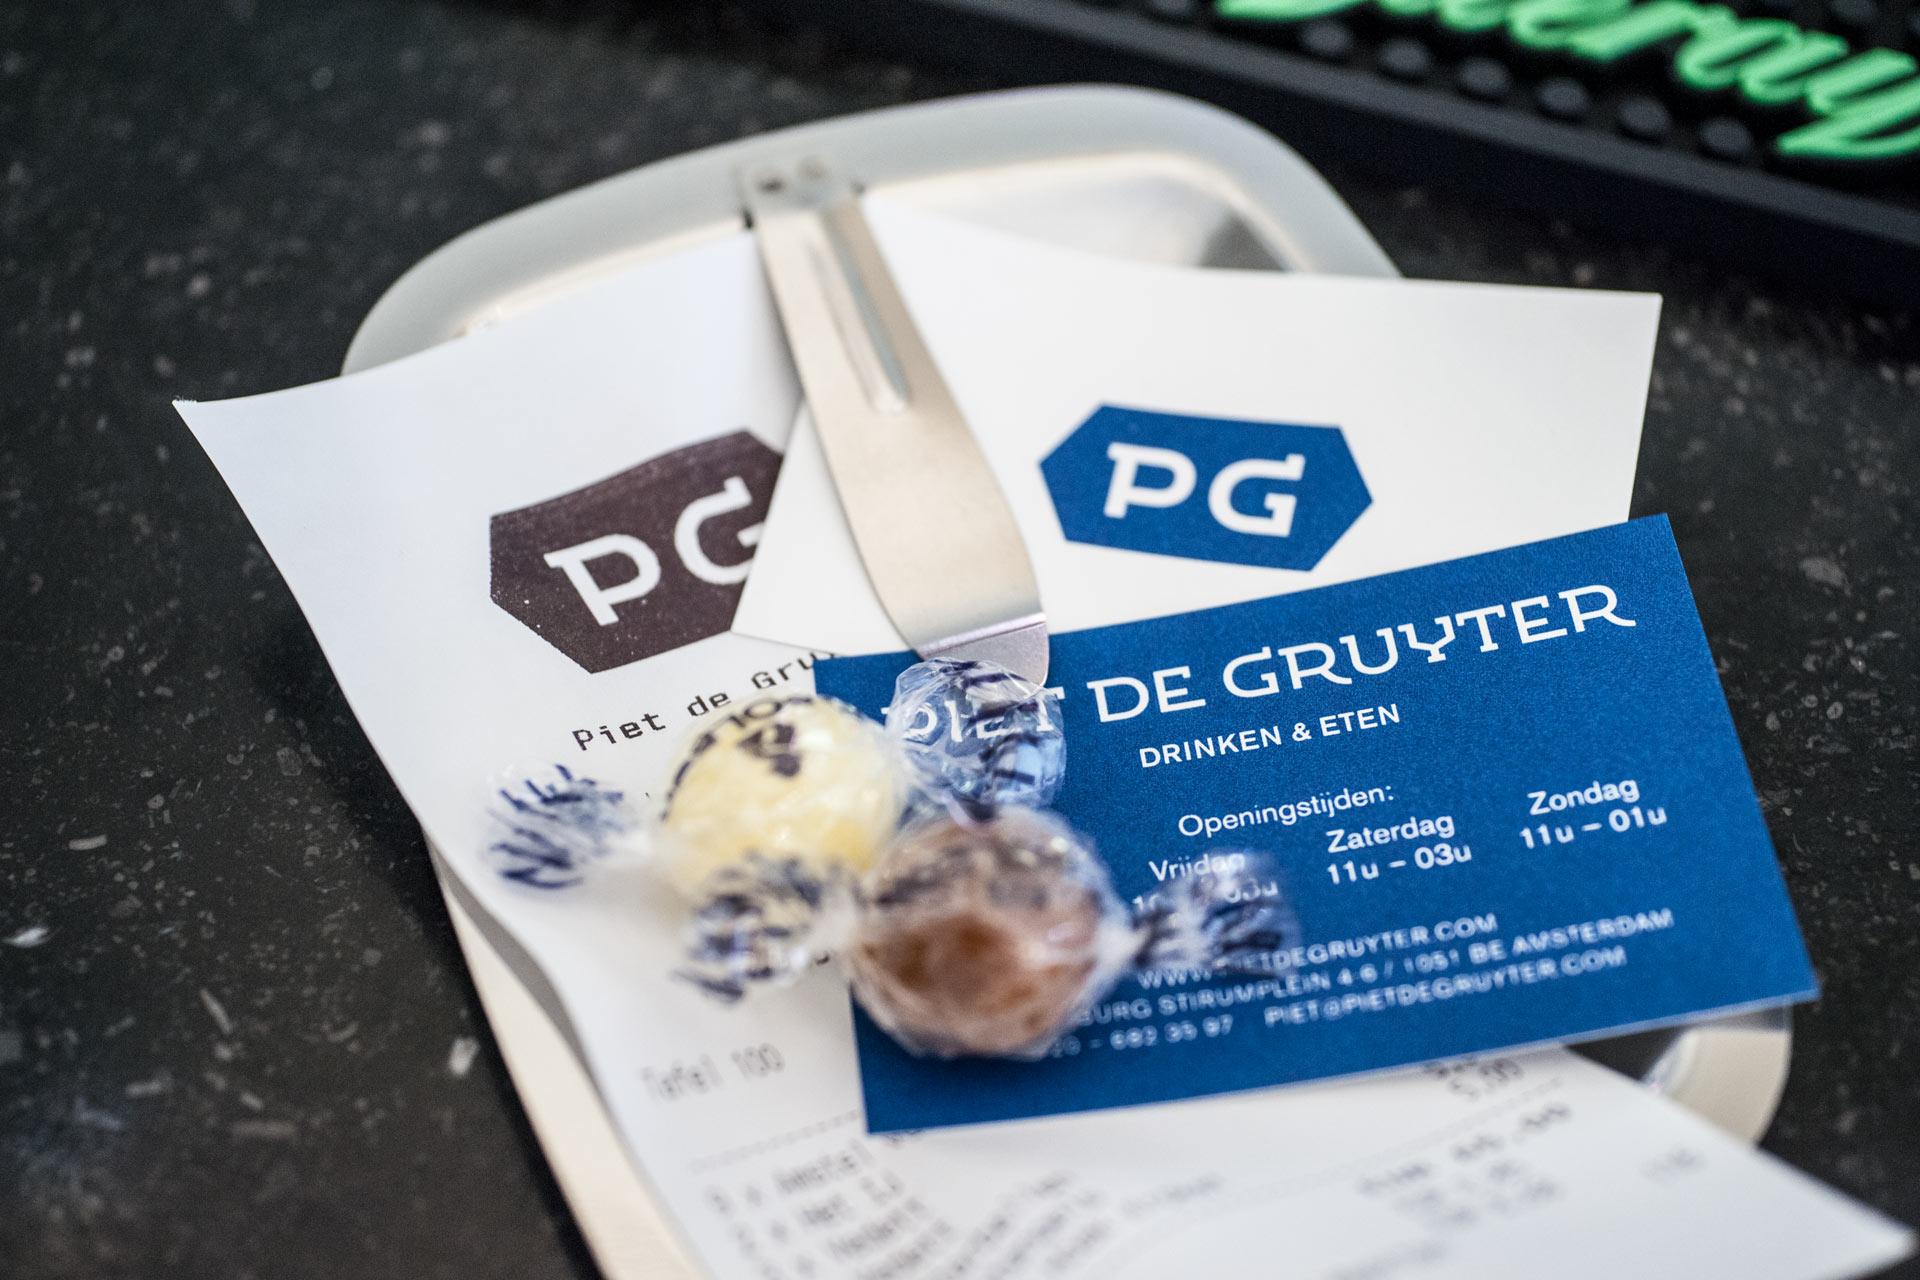 Piet de Gruyter